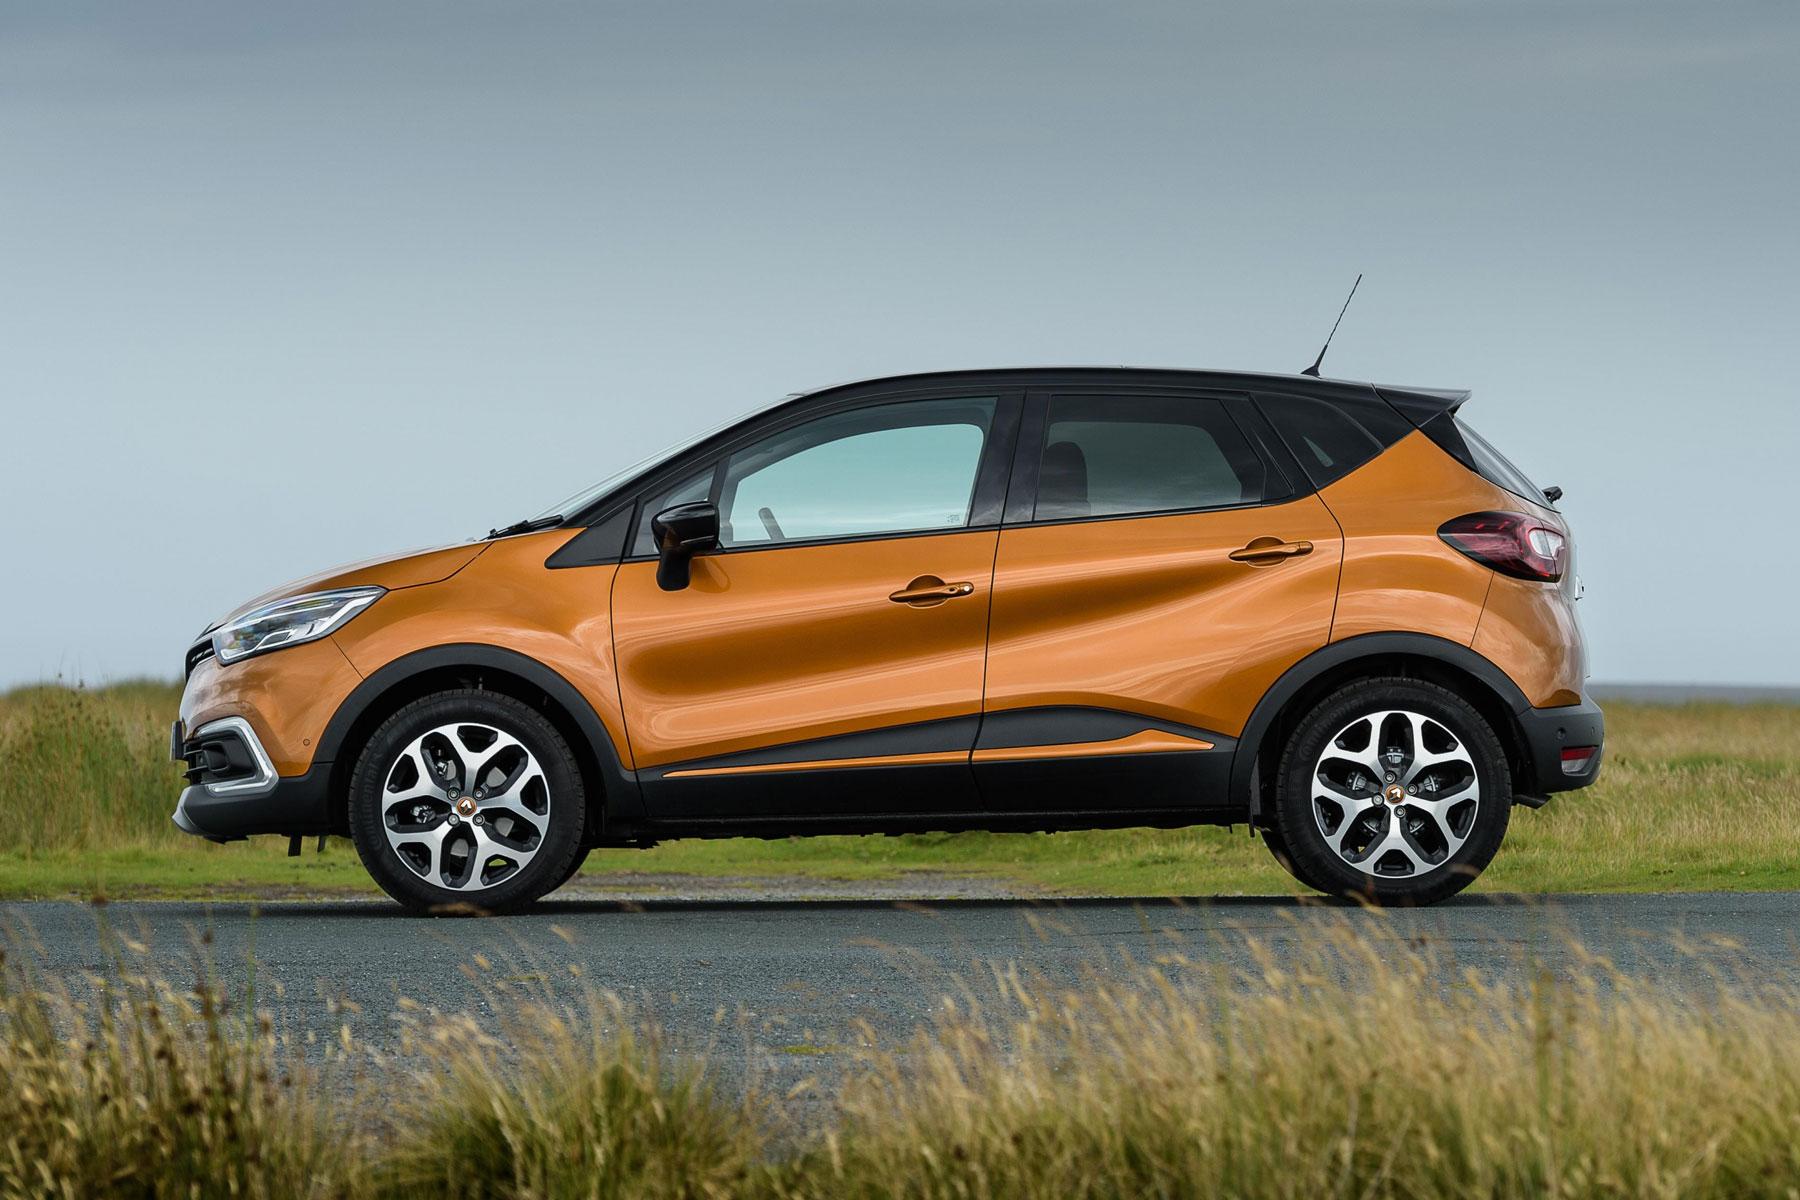 New Renault Captur